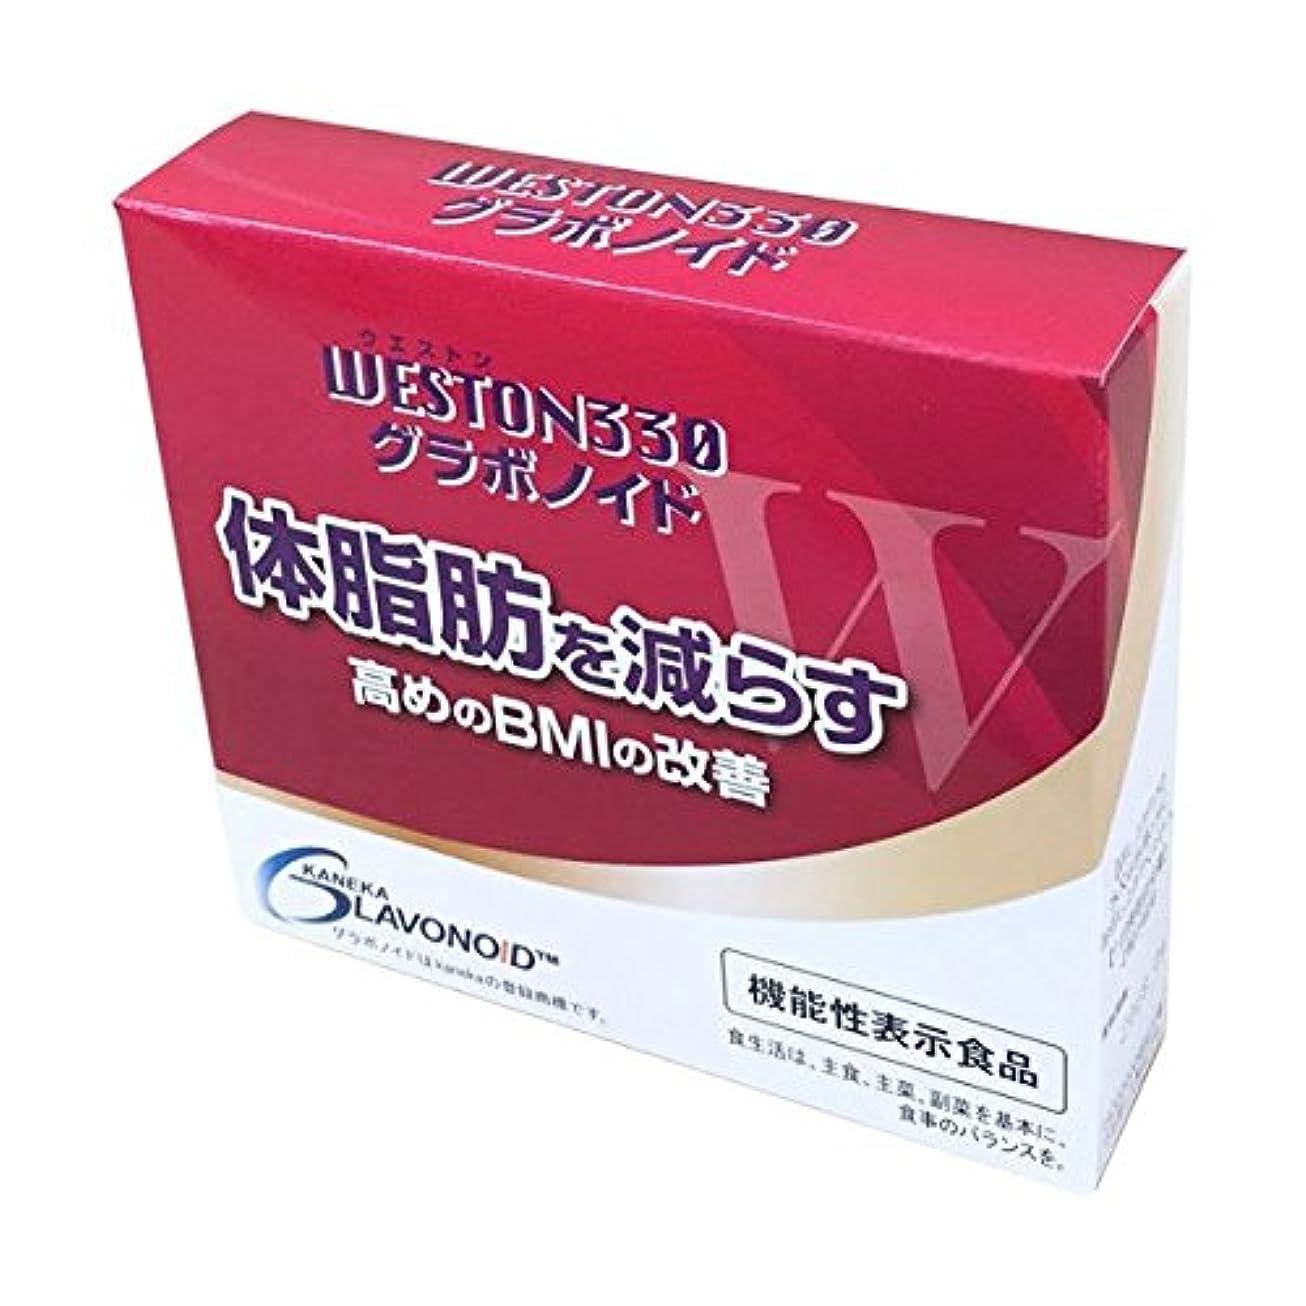 闘争微視的船尾リマックスジャパン WESTON330 60粒 (30日分) x2箱 [機能性表示食品]